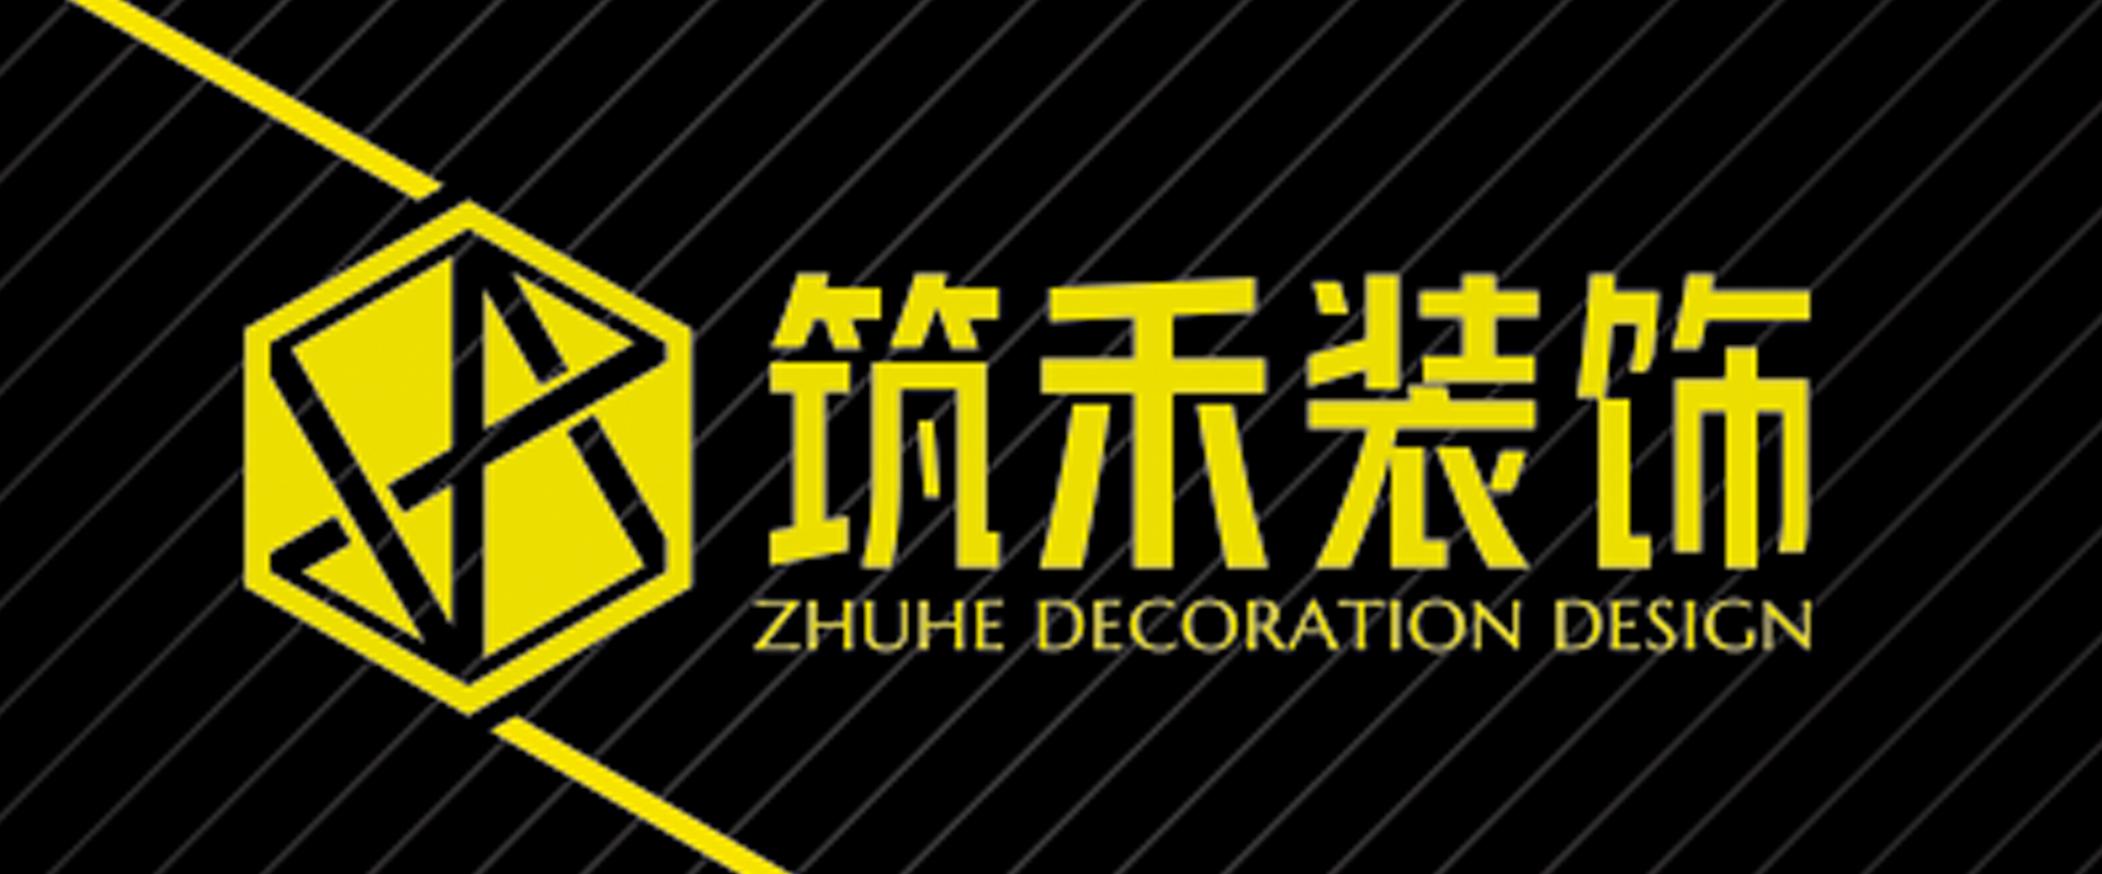 无锡筑禾建筑装饰工程有限公司